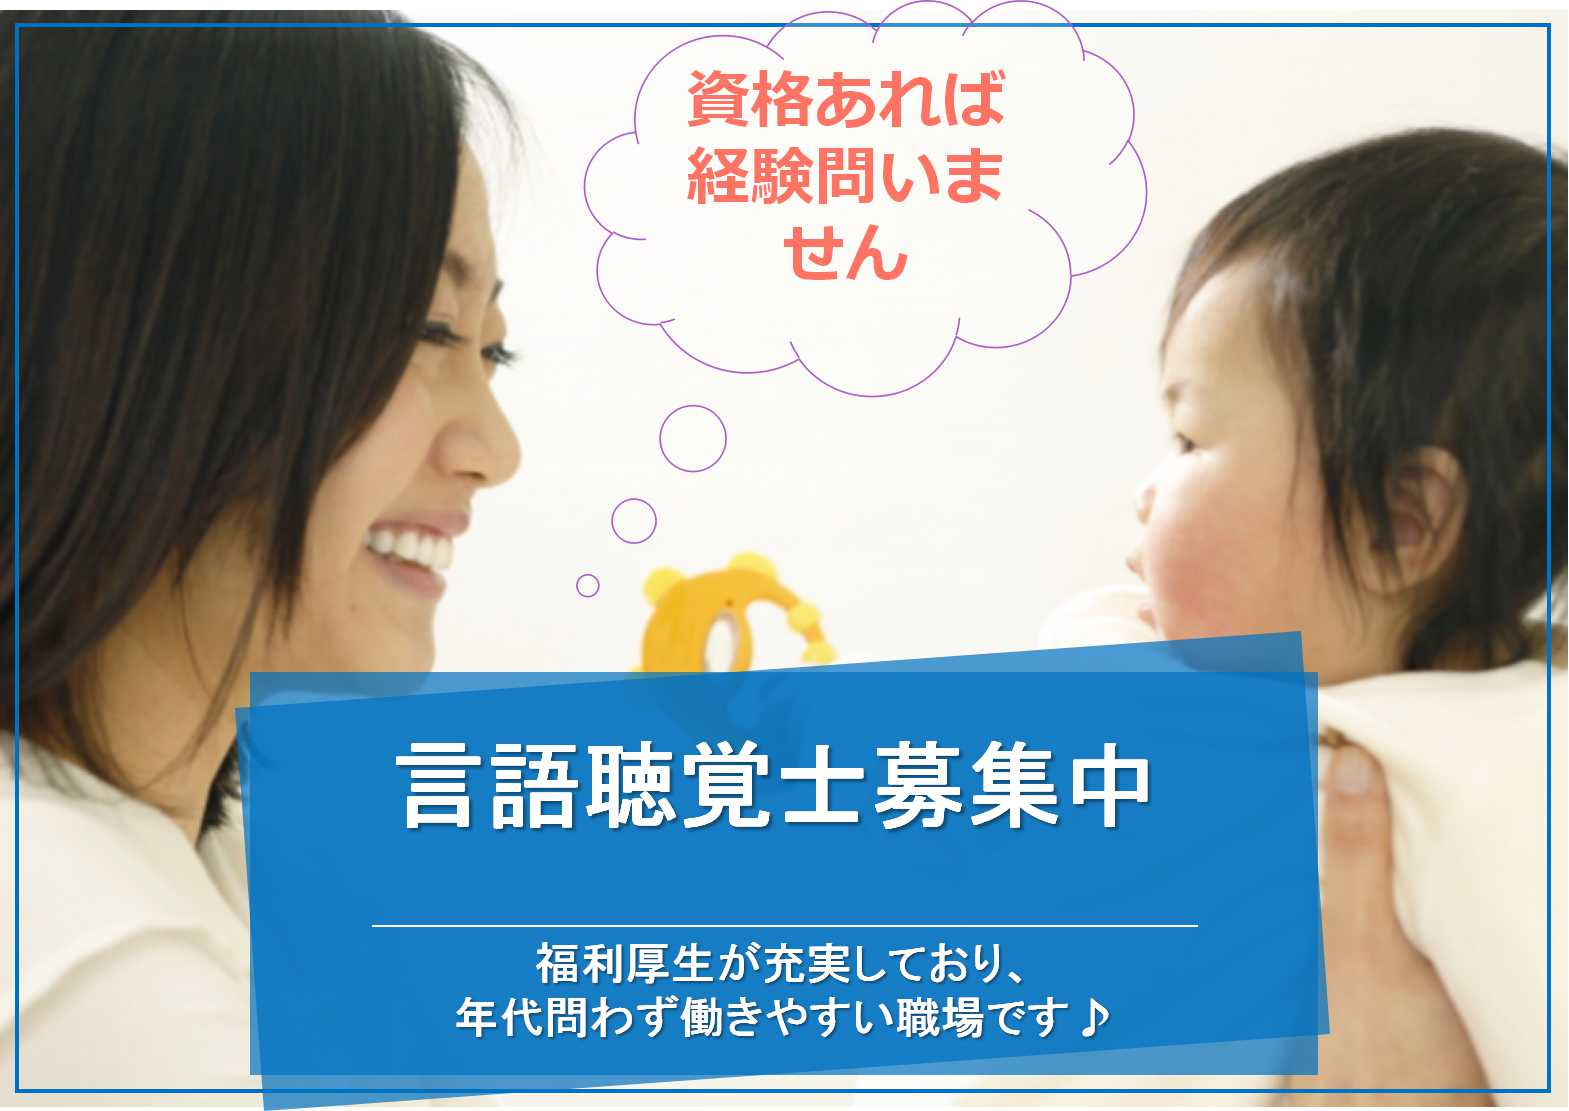 土日休み 育児休暇制度あり!言語聴覚士【即面談可能】 イメージ